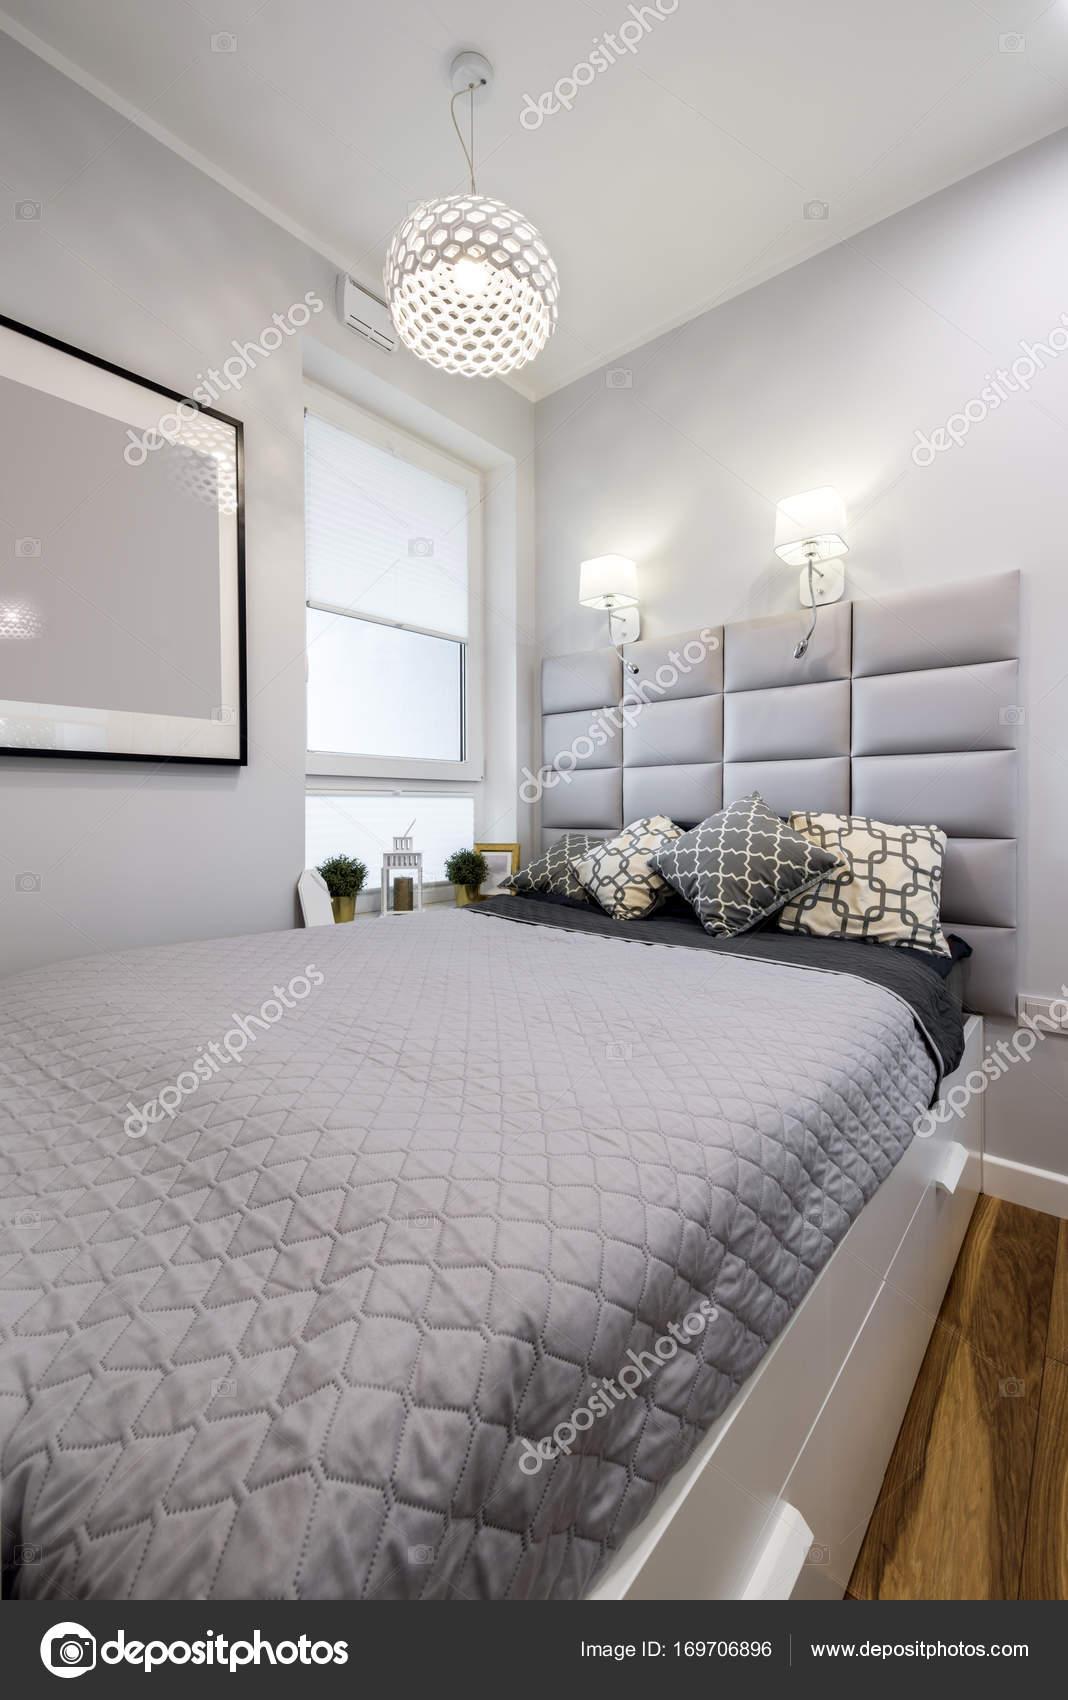 Piccola camera da letto moderno interior design — Foto Stock ...